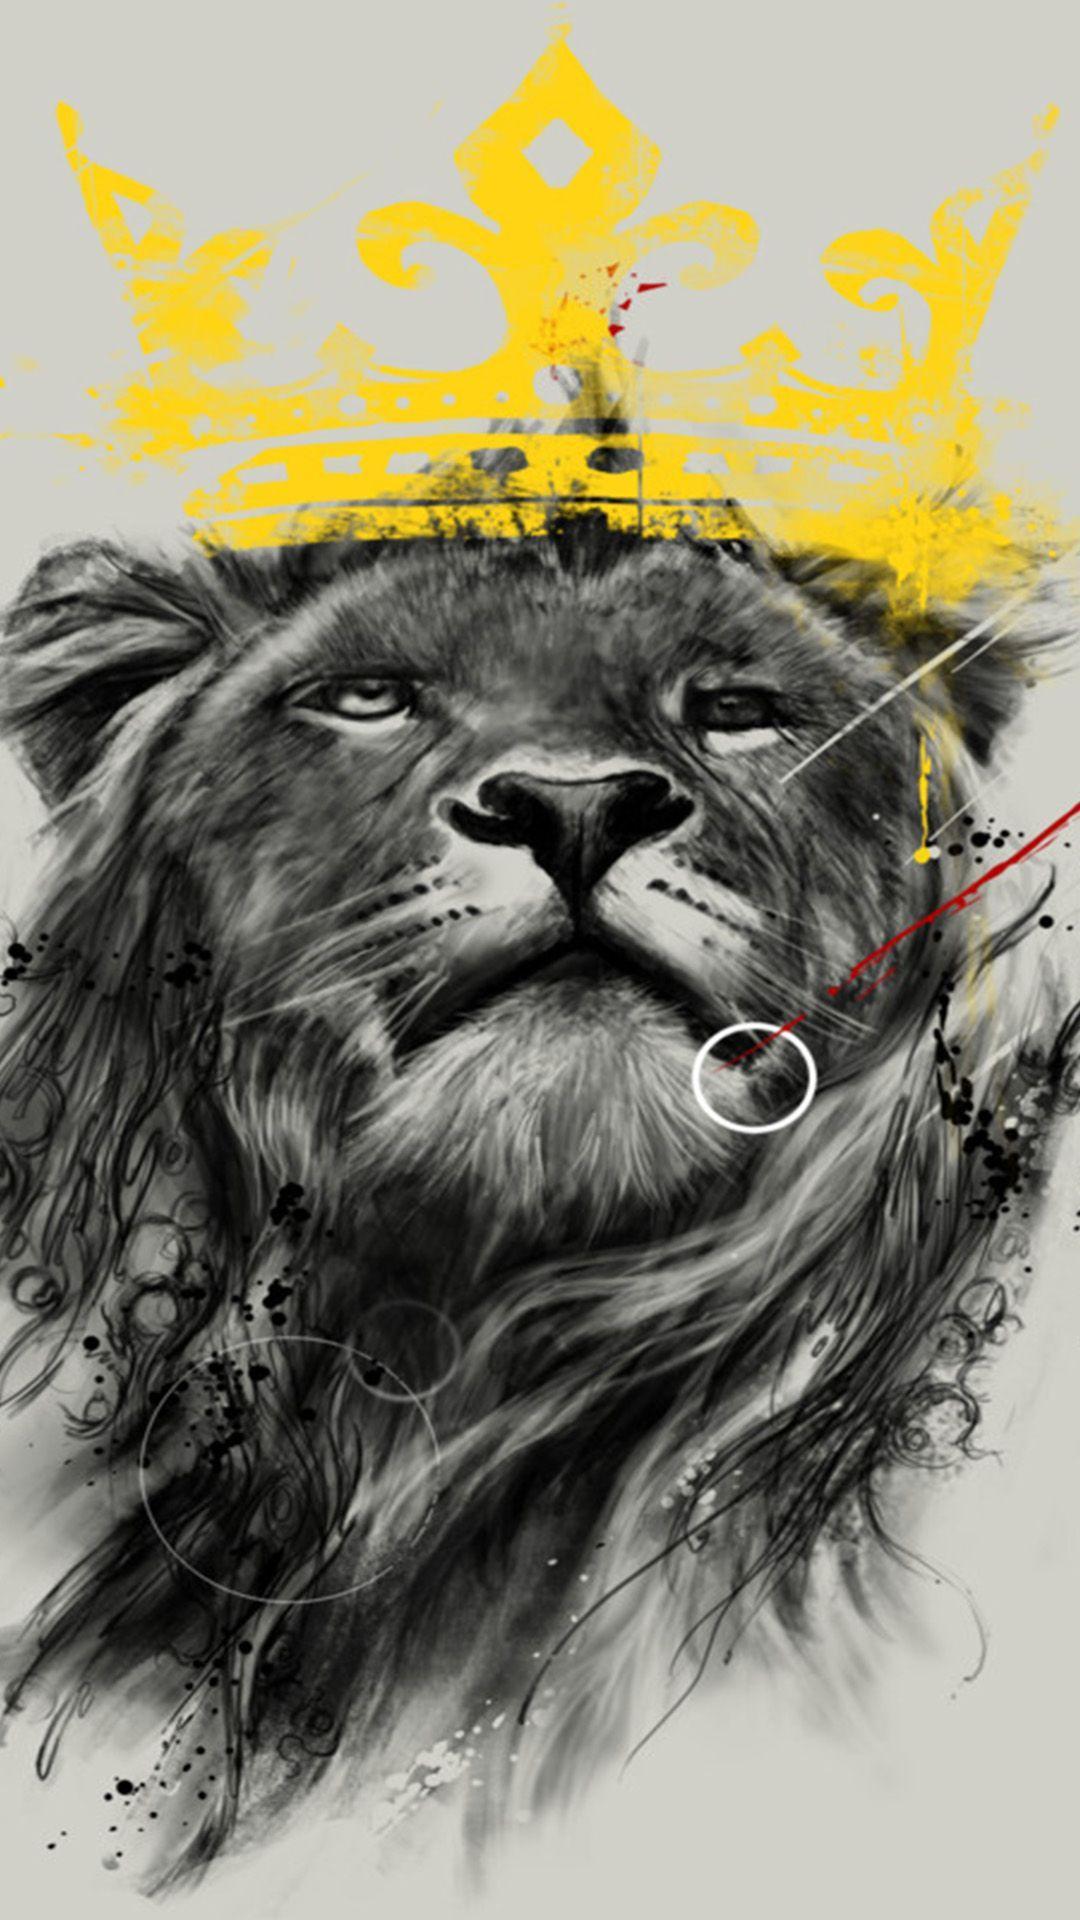 Lion king 4k wallpapers top free lion king 4k - King wallpaper ...